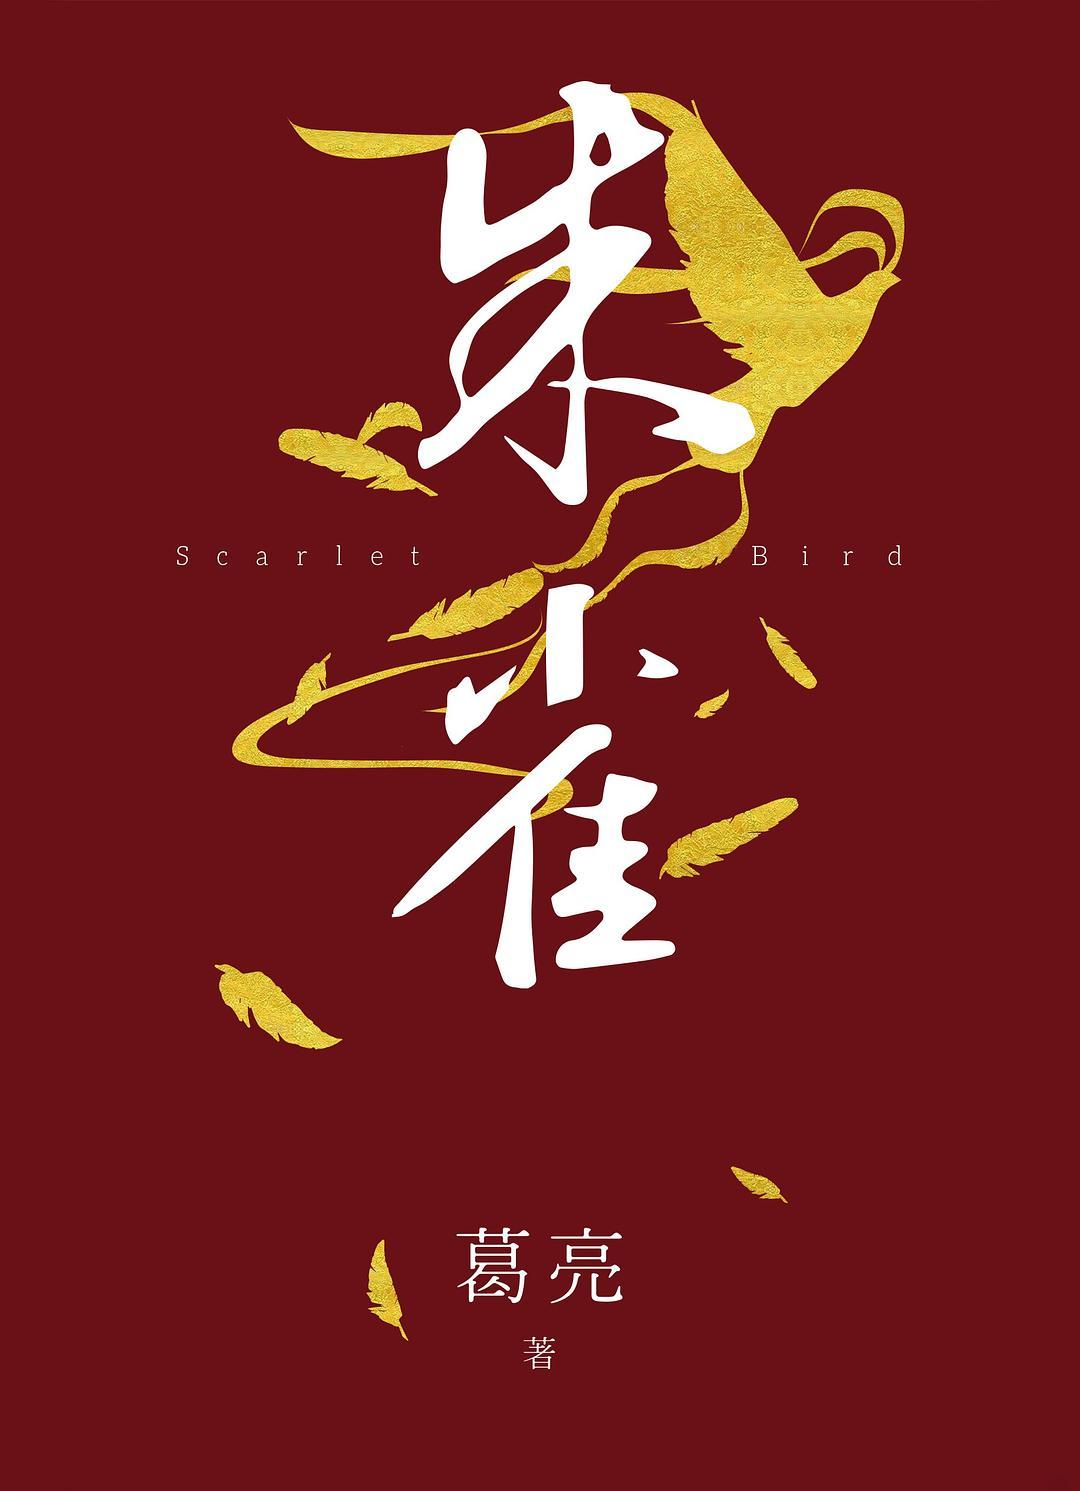 唐俊荣:文学长廊里的又一只金凤凰——《朱雀》阅读散记